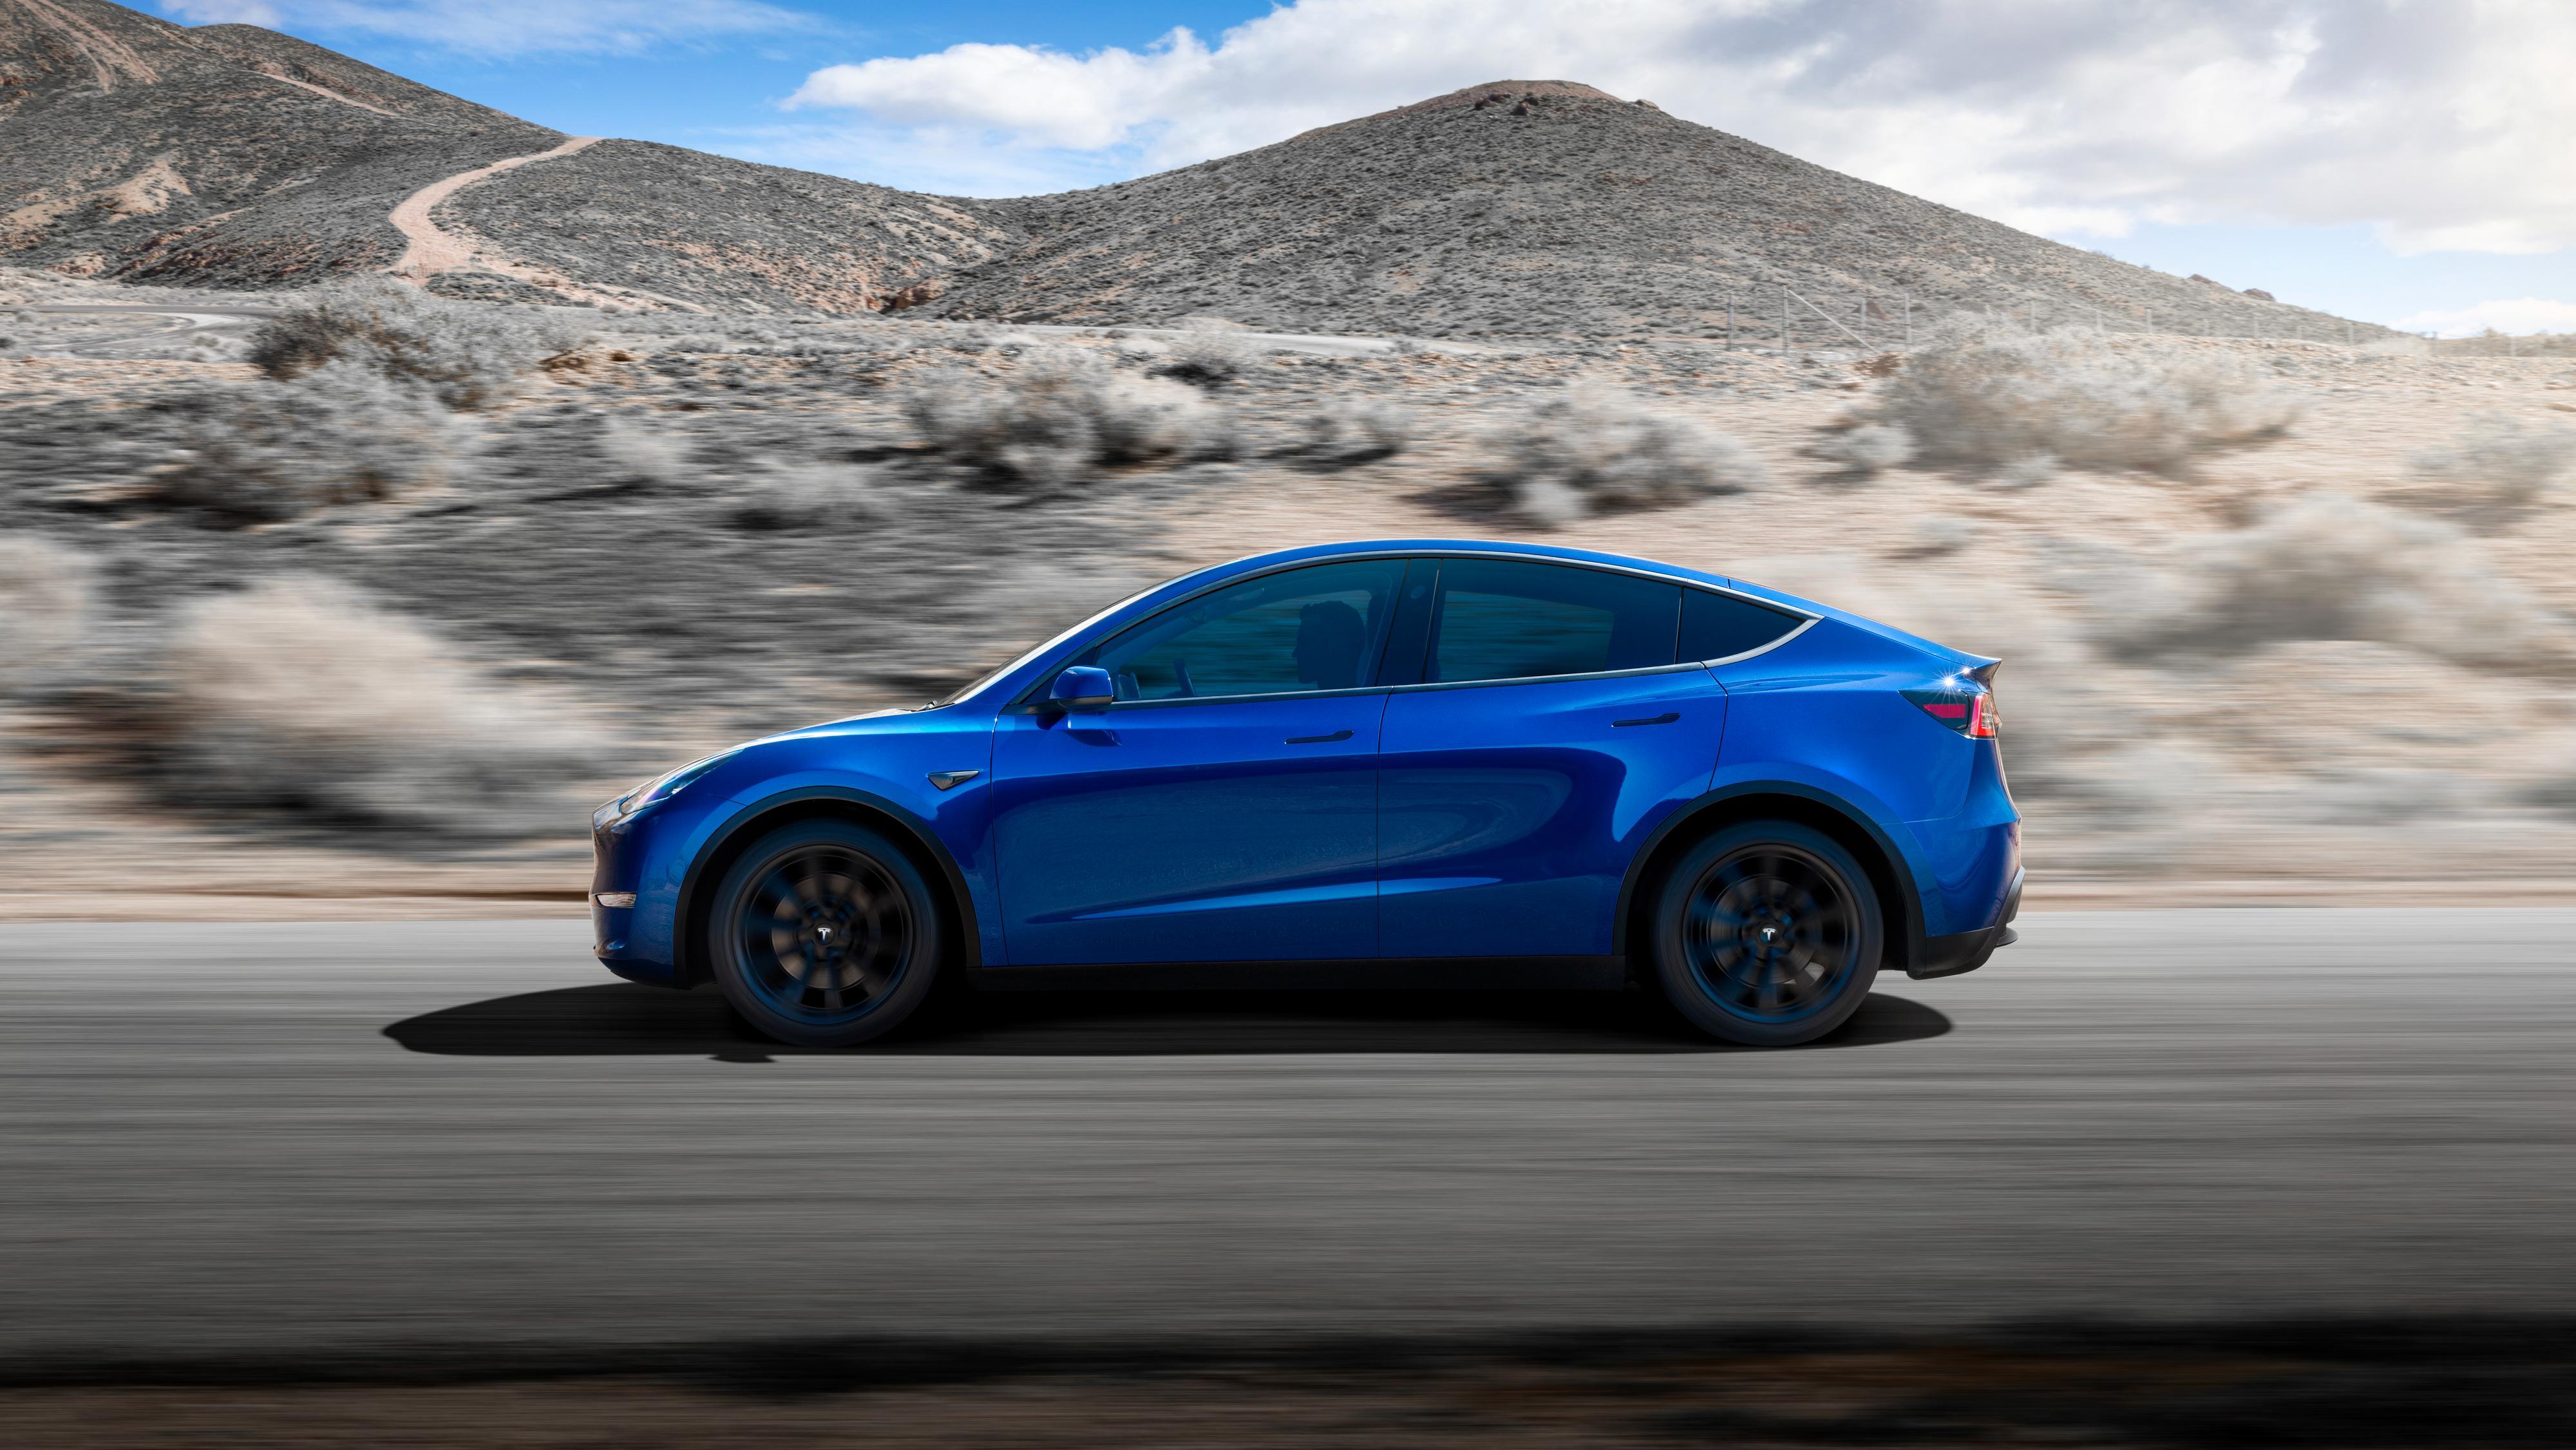 Standard Range-versjonen av Model Y blir aldri noe av, sier Elon Musk nå.